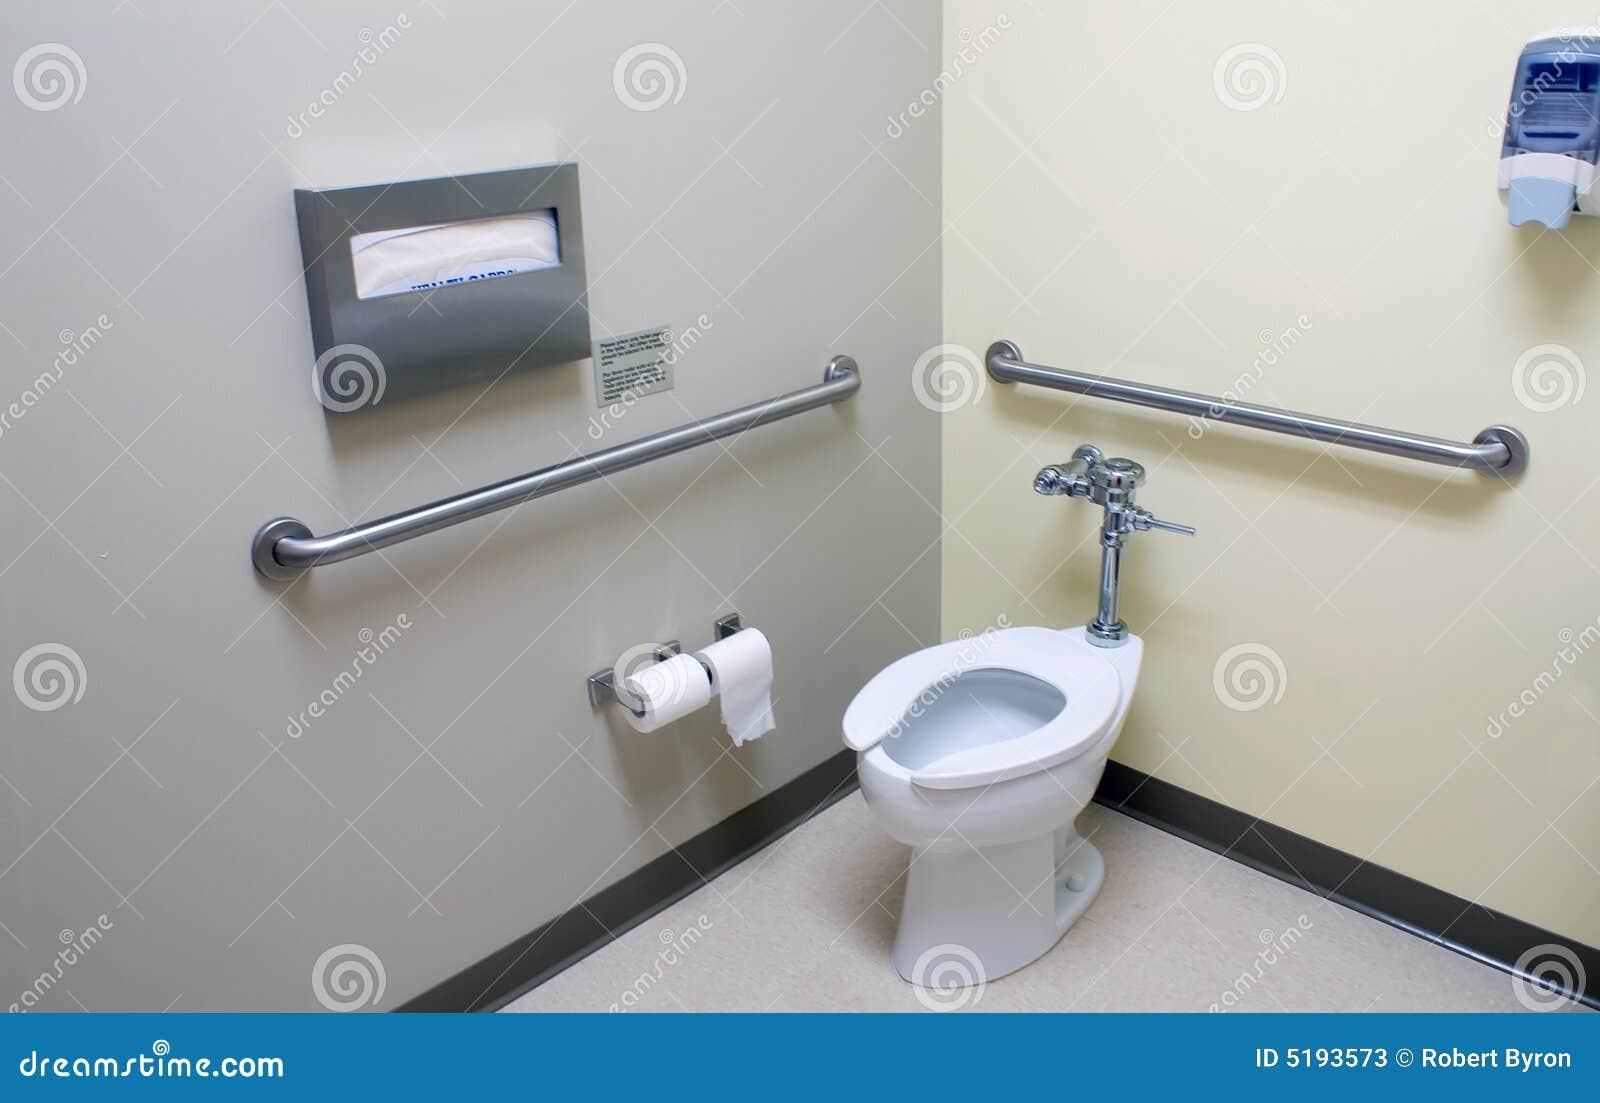 Stanza da bagno di handicap